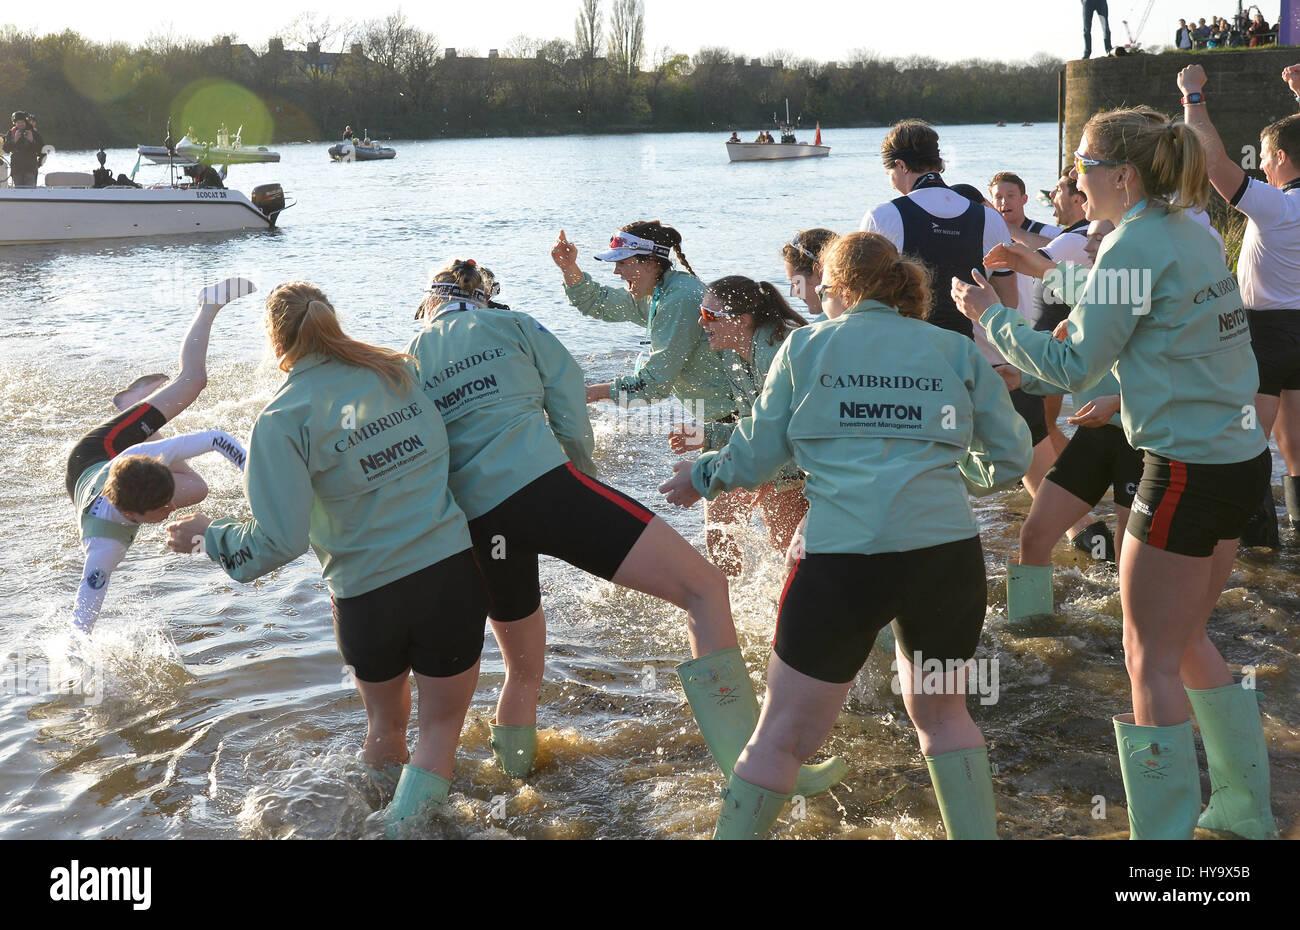 London, UK. 2nd April, 2017. The University Mens Boat Race Oxford (dark blue) Vs Cambridge (light blue) on the River - Stock Image